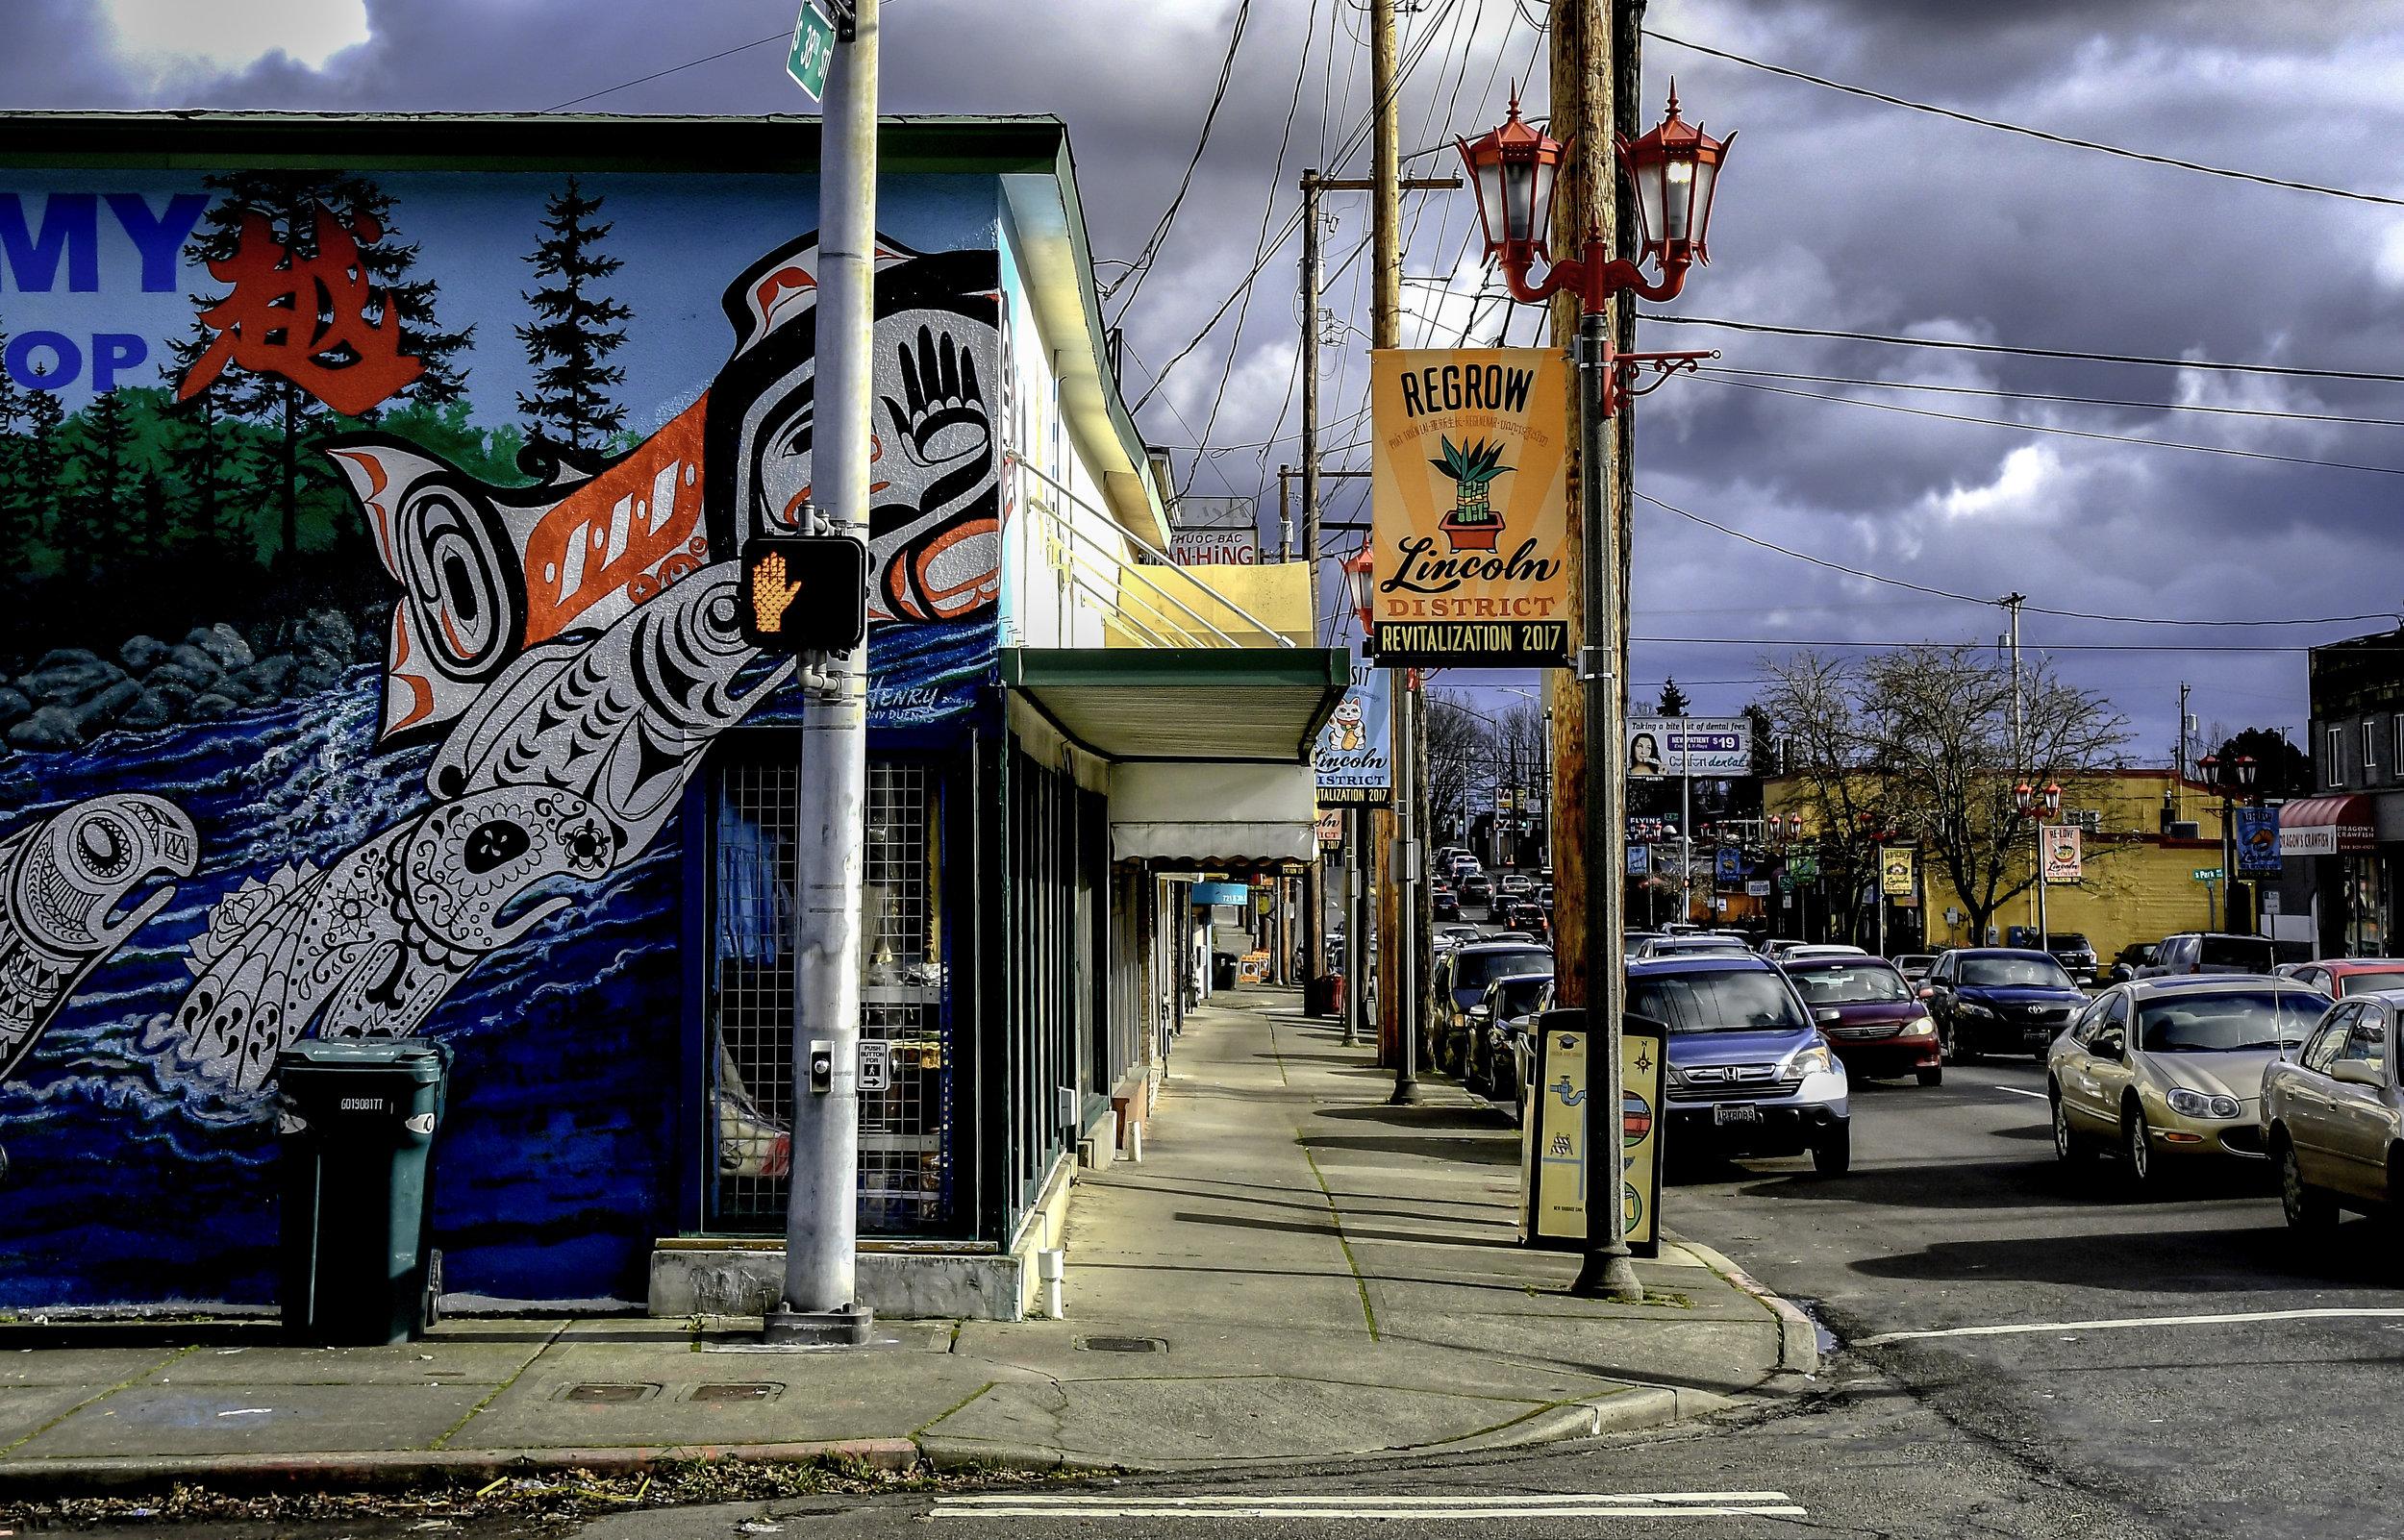 Lincoln District, Tacoma WA